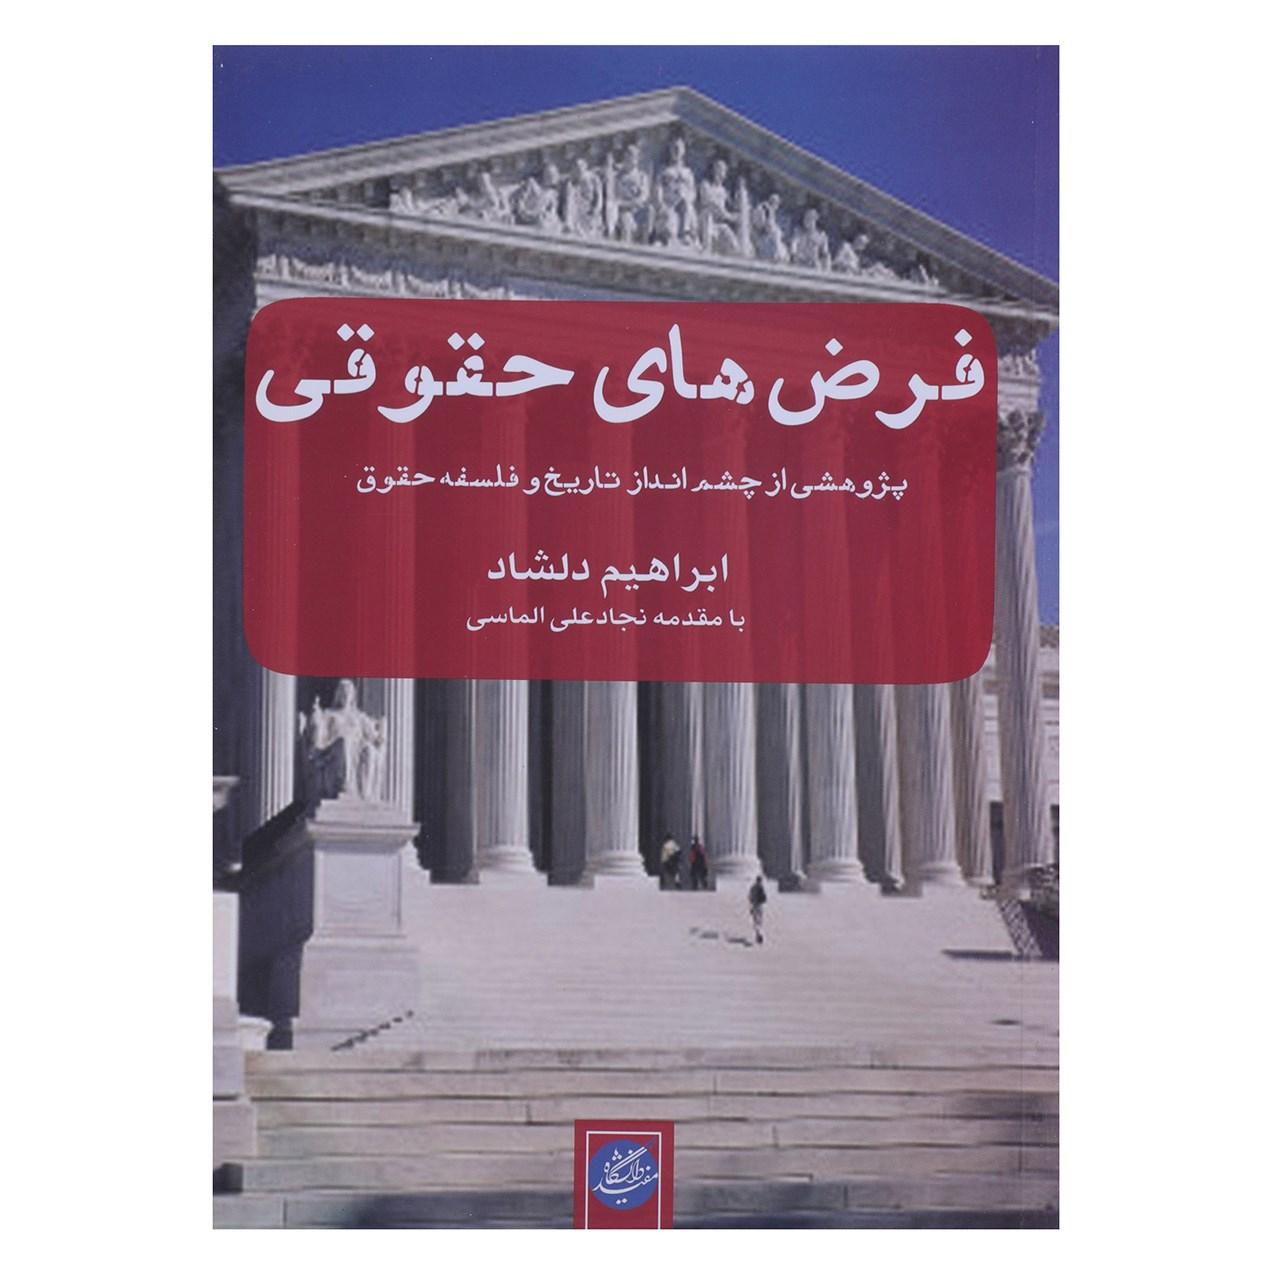 کتاب فرض های حقوقی اثر ابراهیم دلشاد